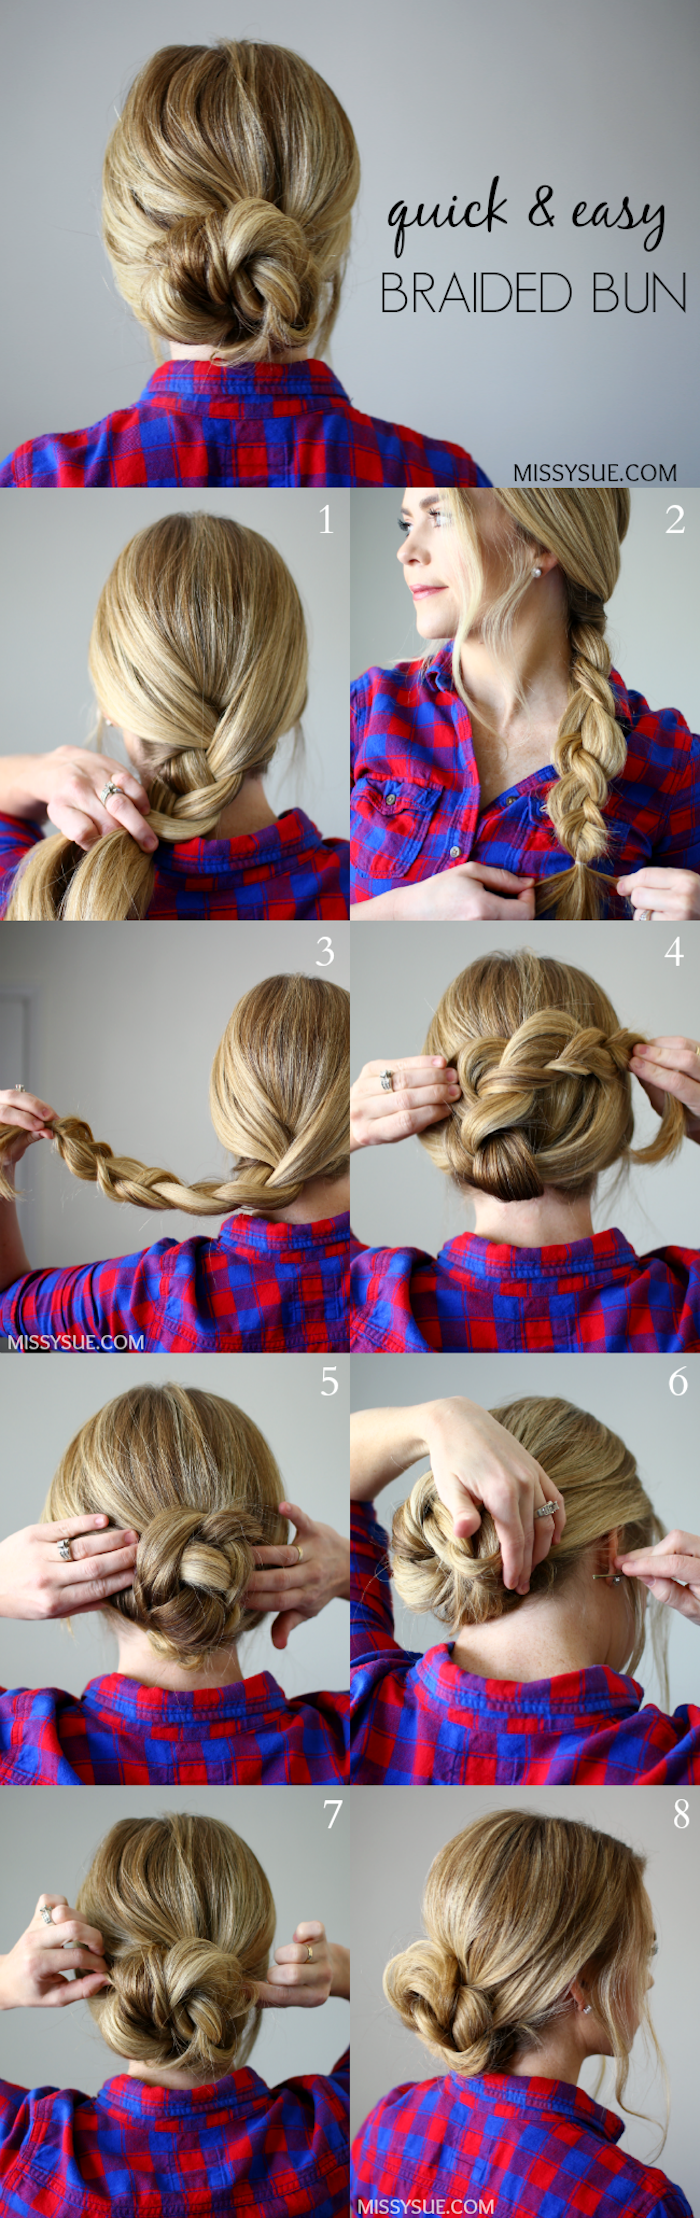 hochsteckfrisuren lange haare, haare zum dutt binden, kariertes hemd in rot und blau, dutt frisur